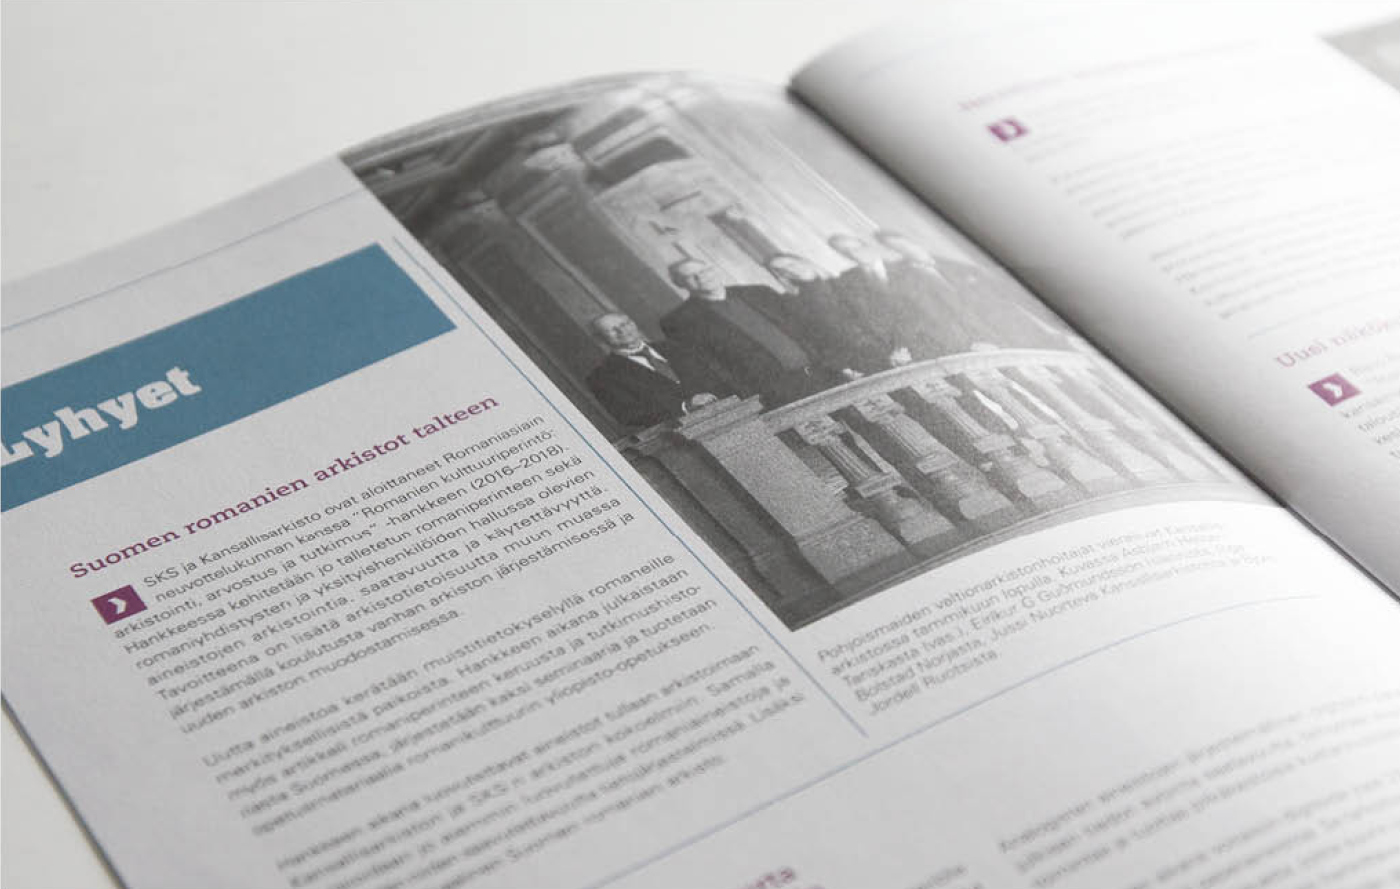 Työnäyte: Kansallisarkiston visuaalinen ja graafinen suunnittelu sekä mainonnan suunnittelu ja toteutus. Kotisivujen suunnittelu ja toteutus